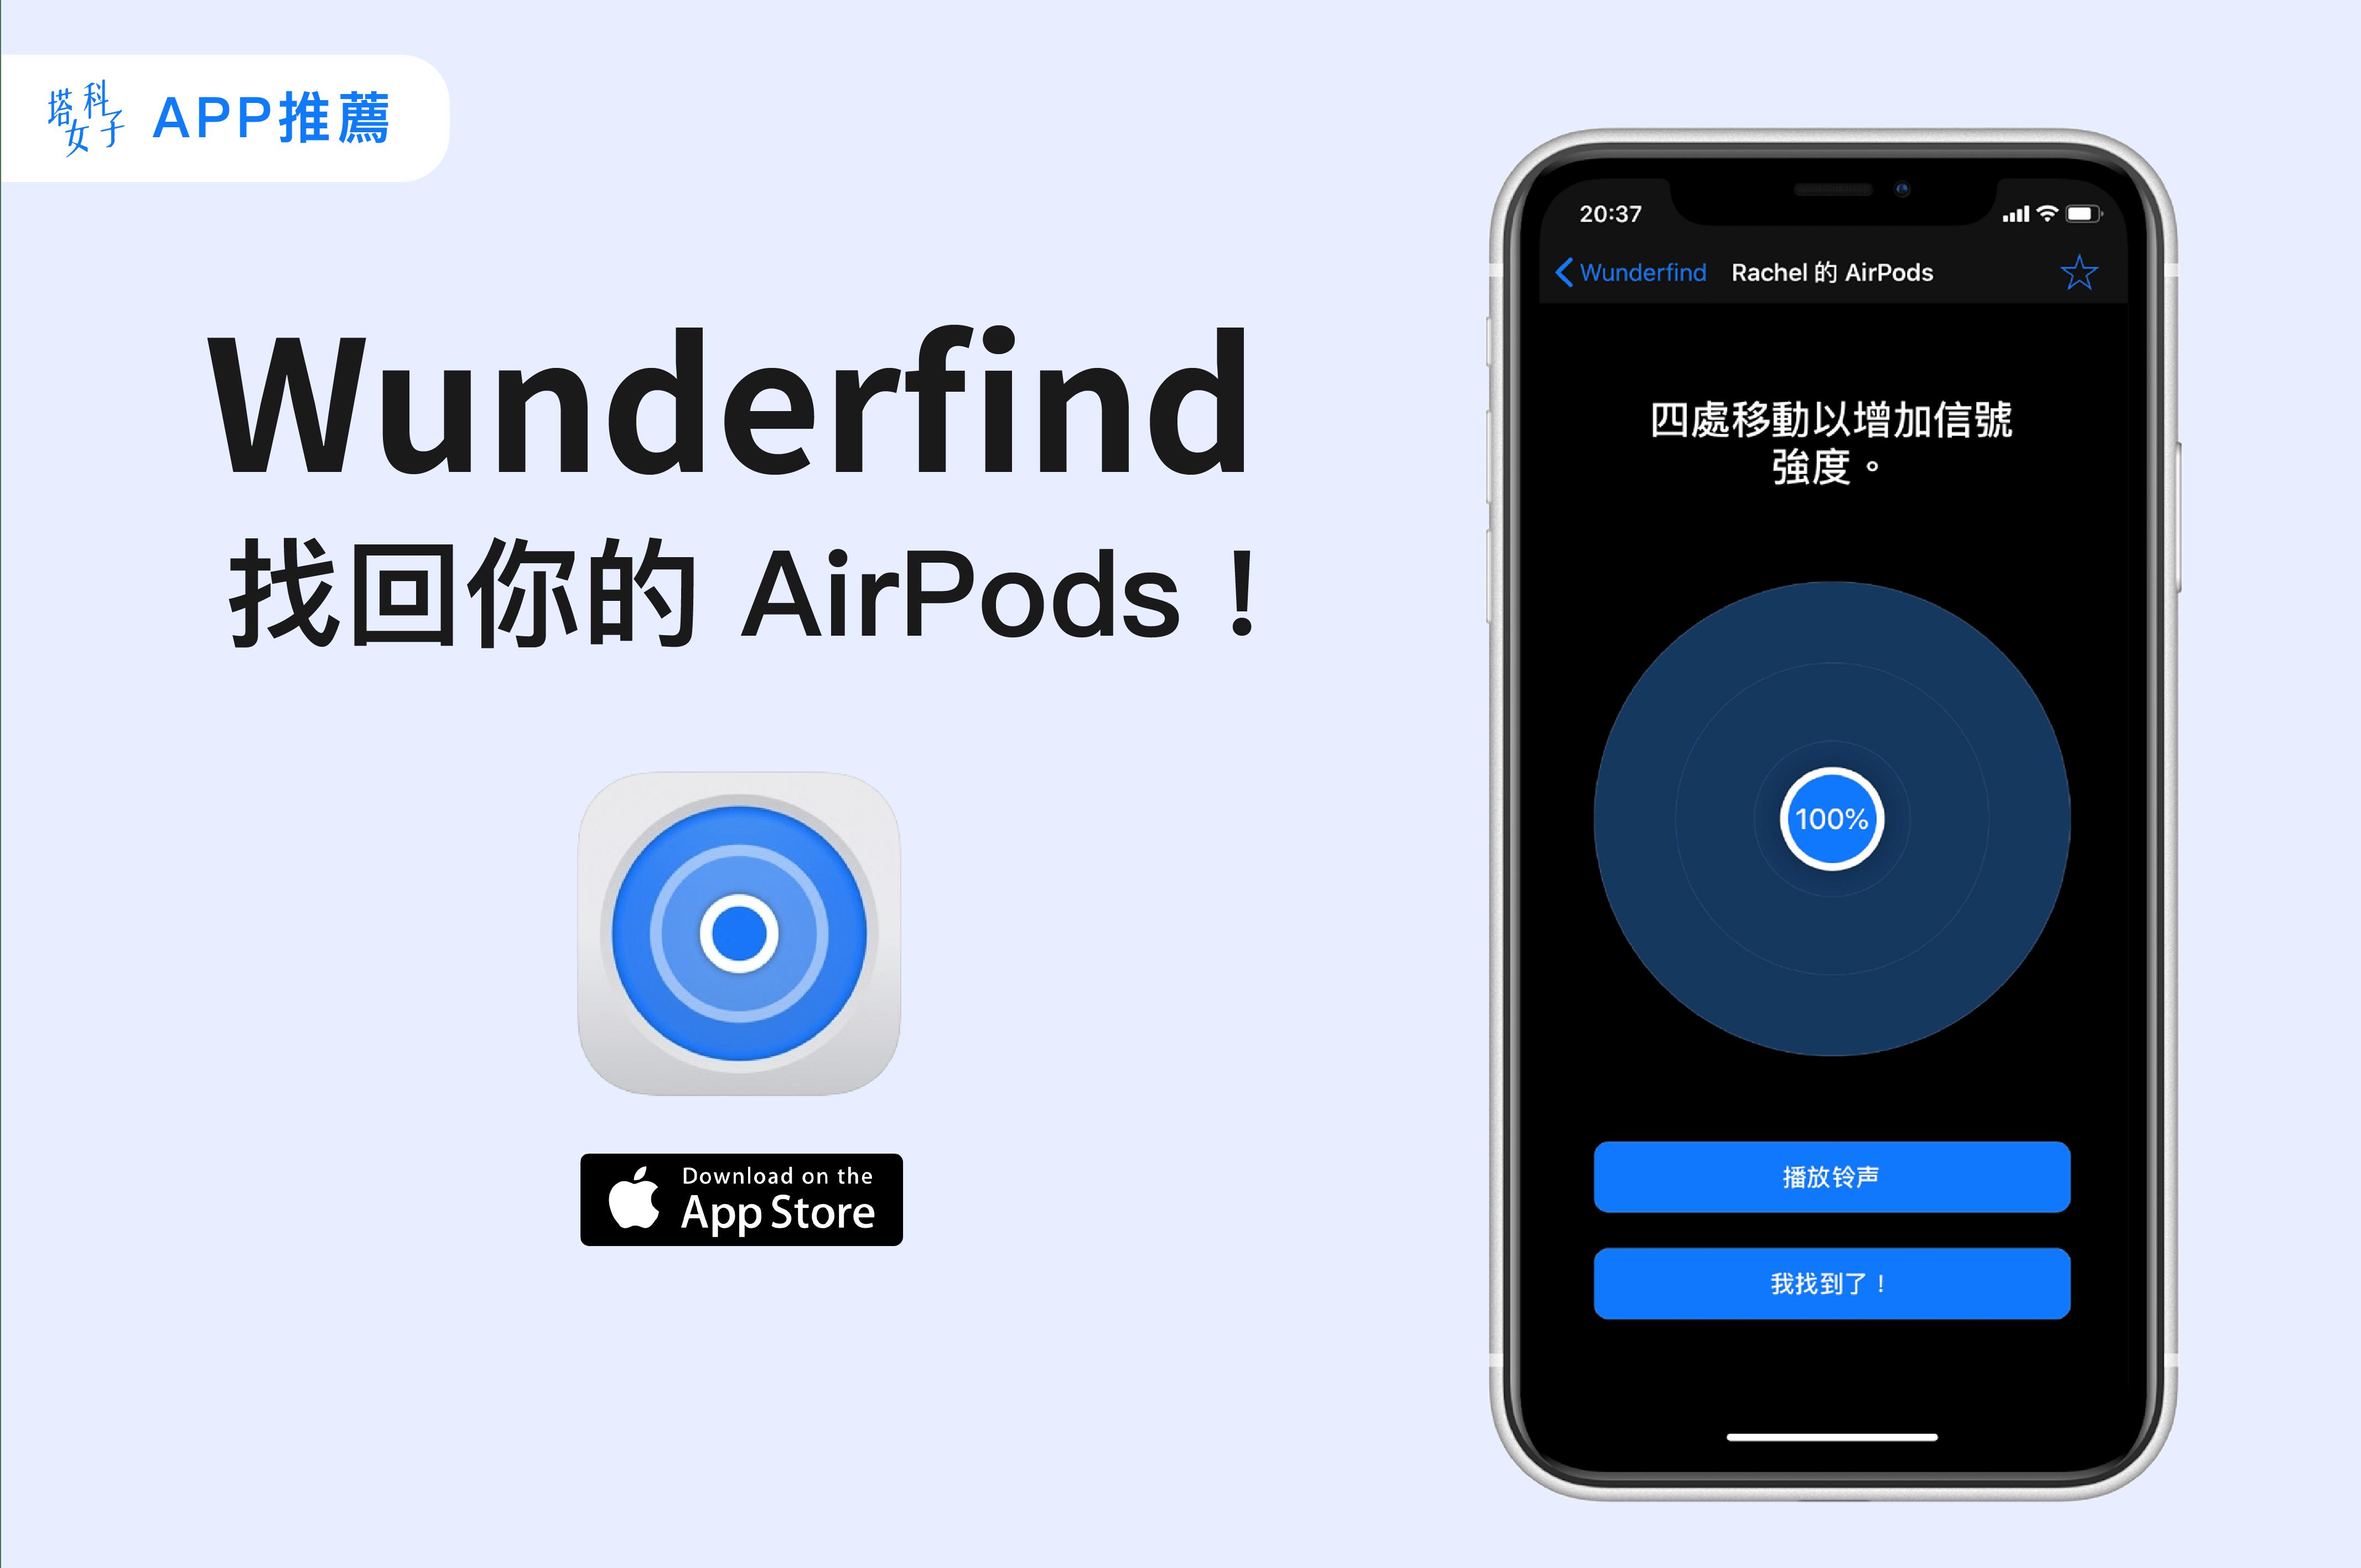 尋找 AirPods APP - Wunderfind